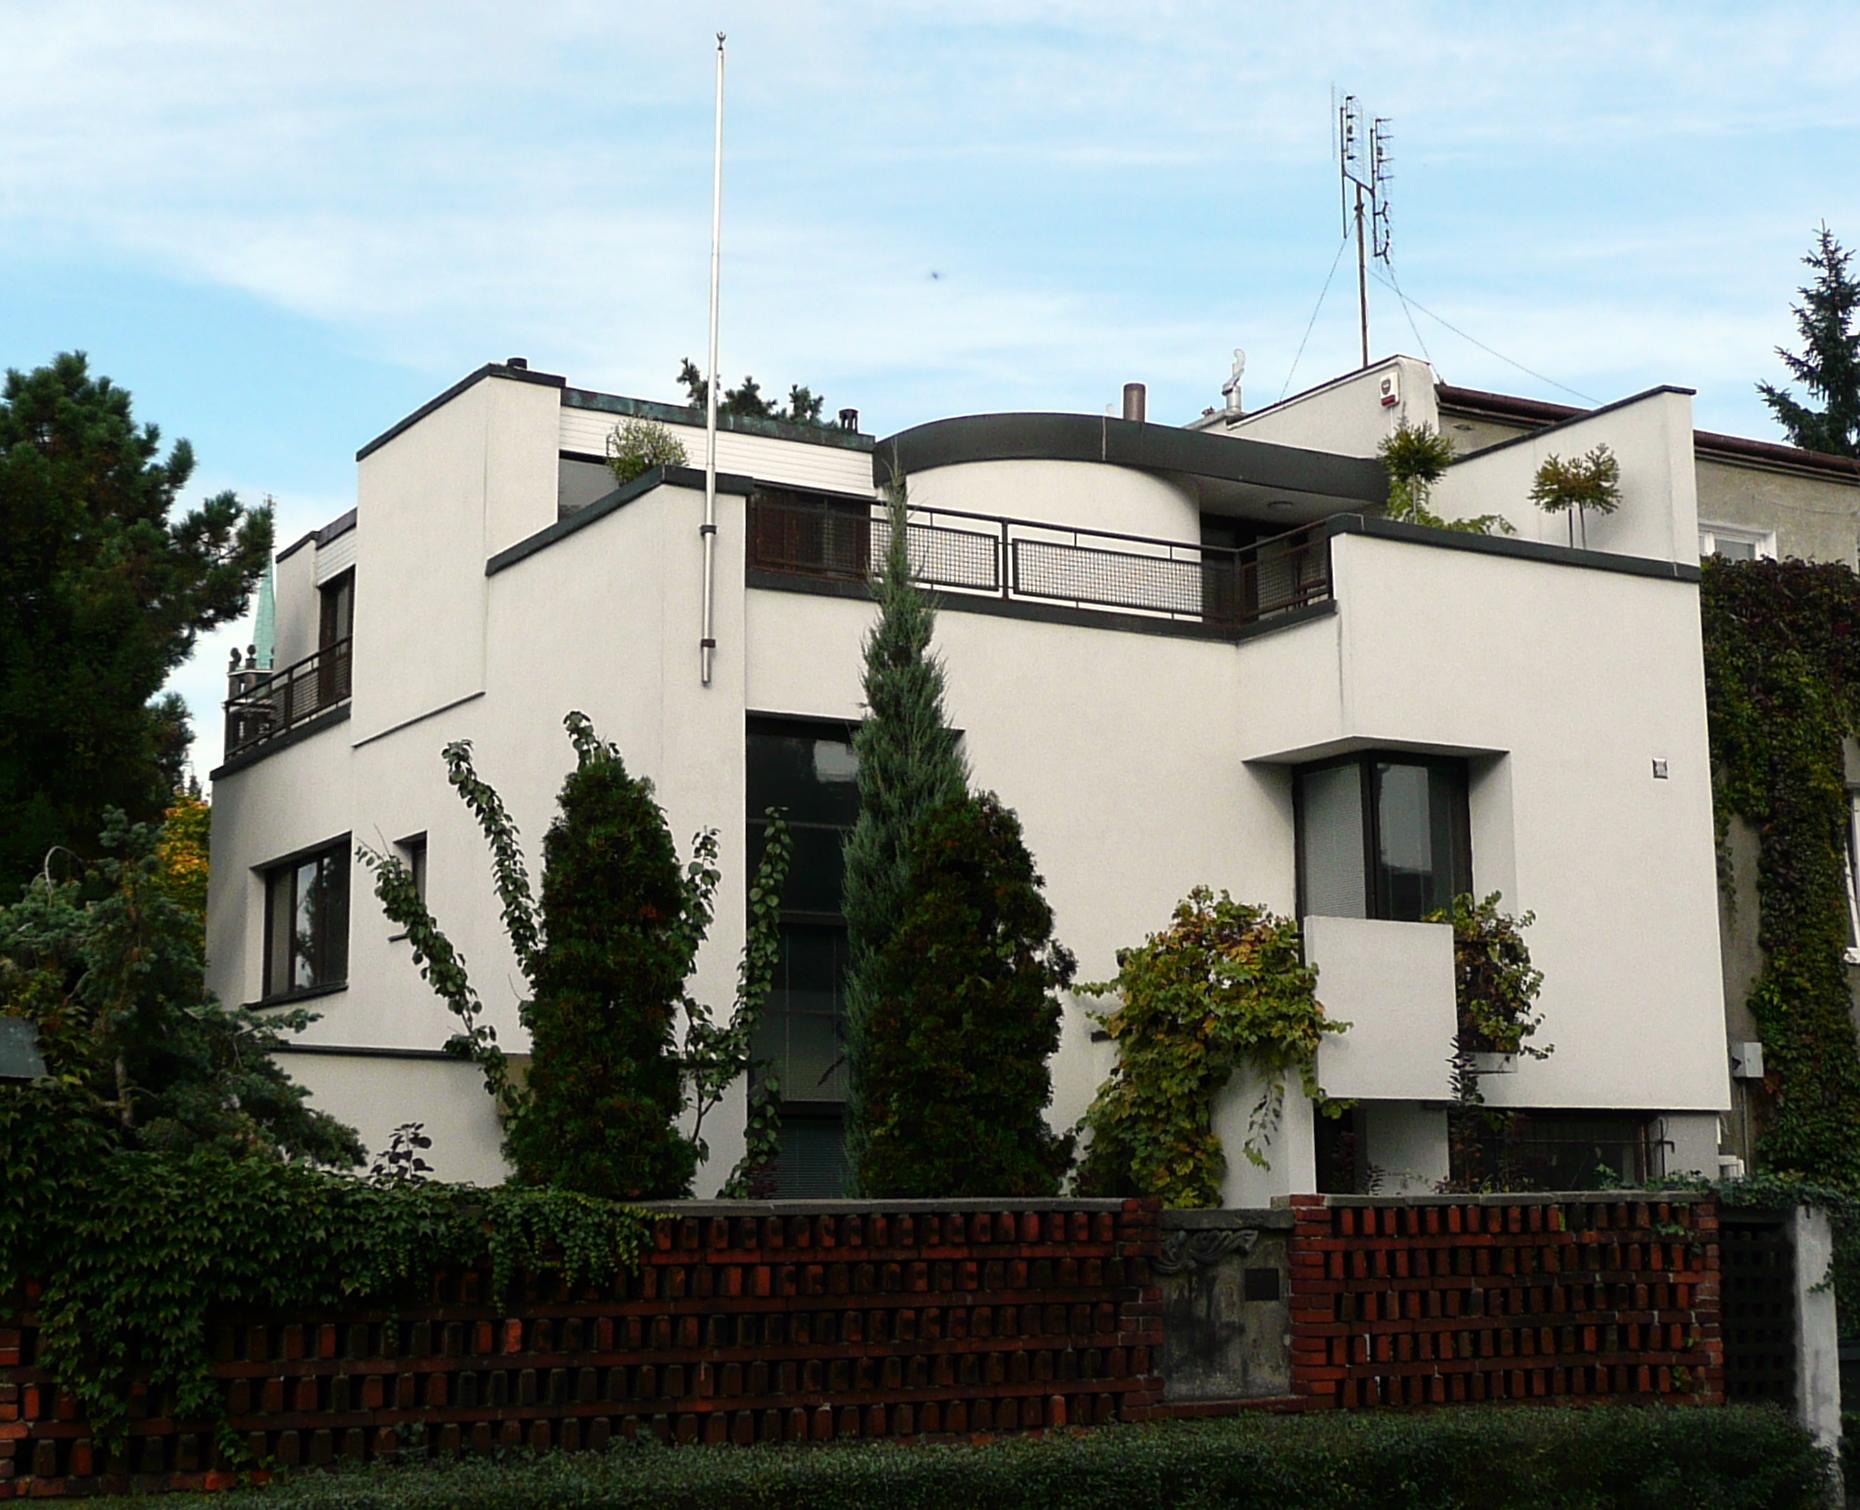 http://upload.wikimedia.org/wikipedia/commons/1/13/Warszawa_Dom_Brukalskich_ul._Niegolewskiego8_1927.JPG